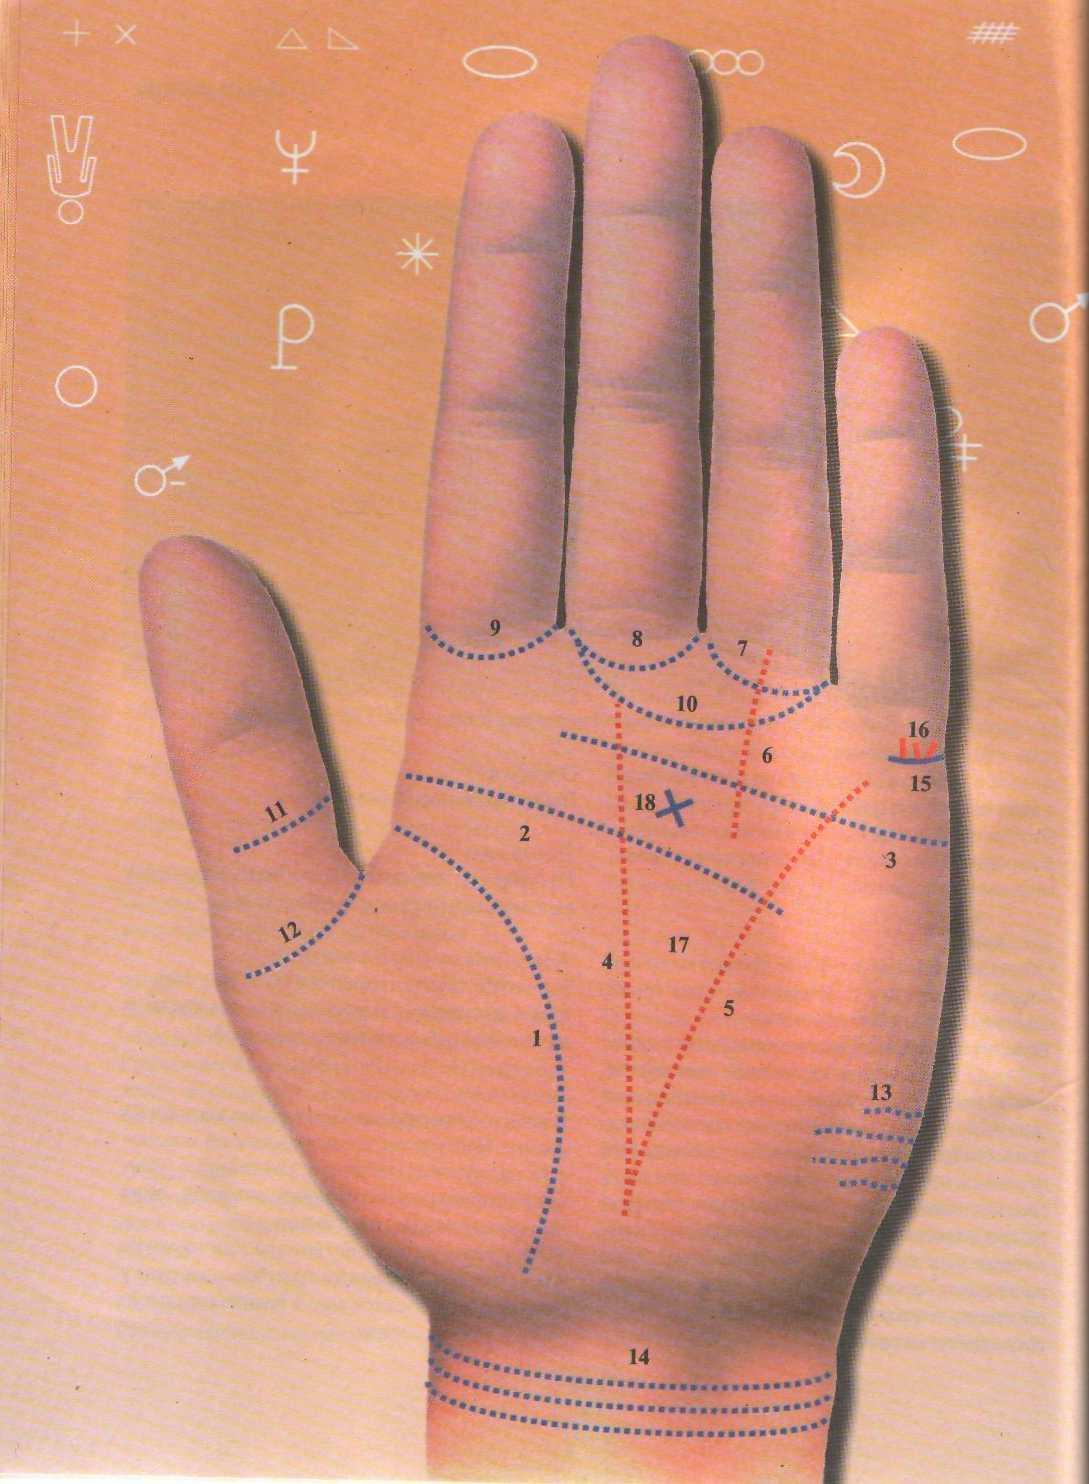 Линия жизни на руке фото с расшифровкой у детей и гадания